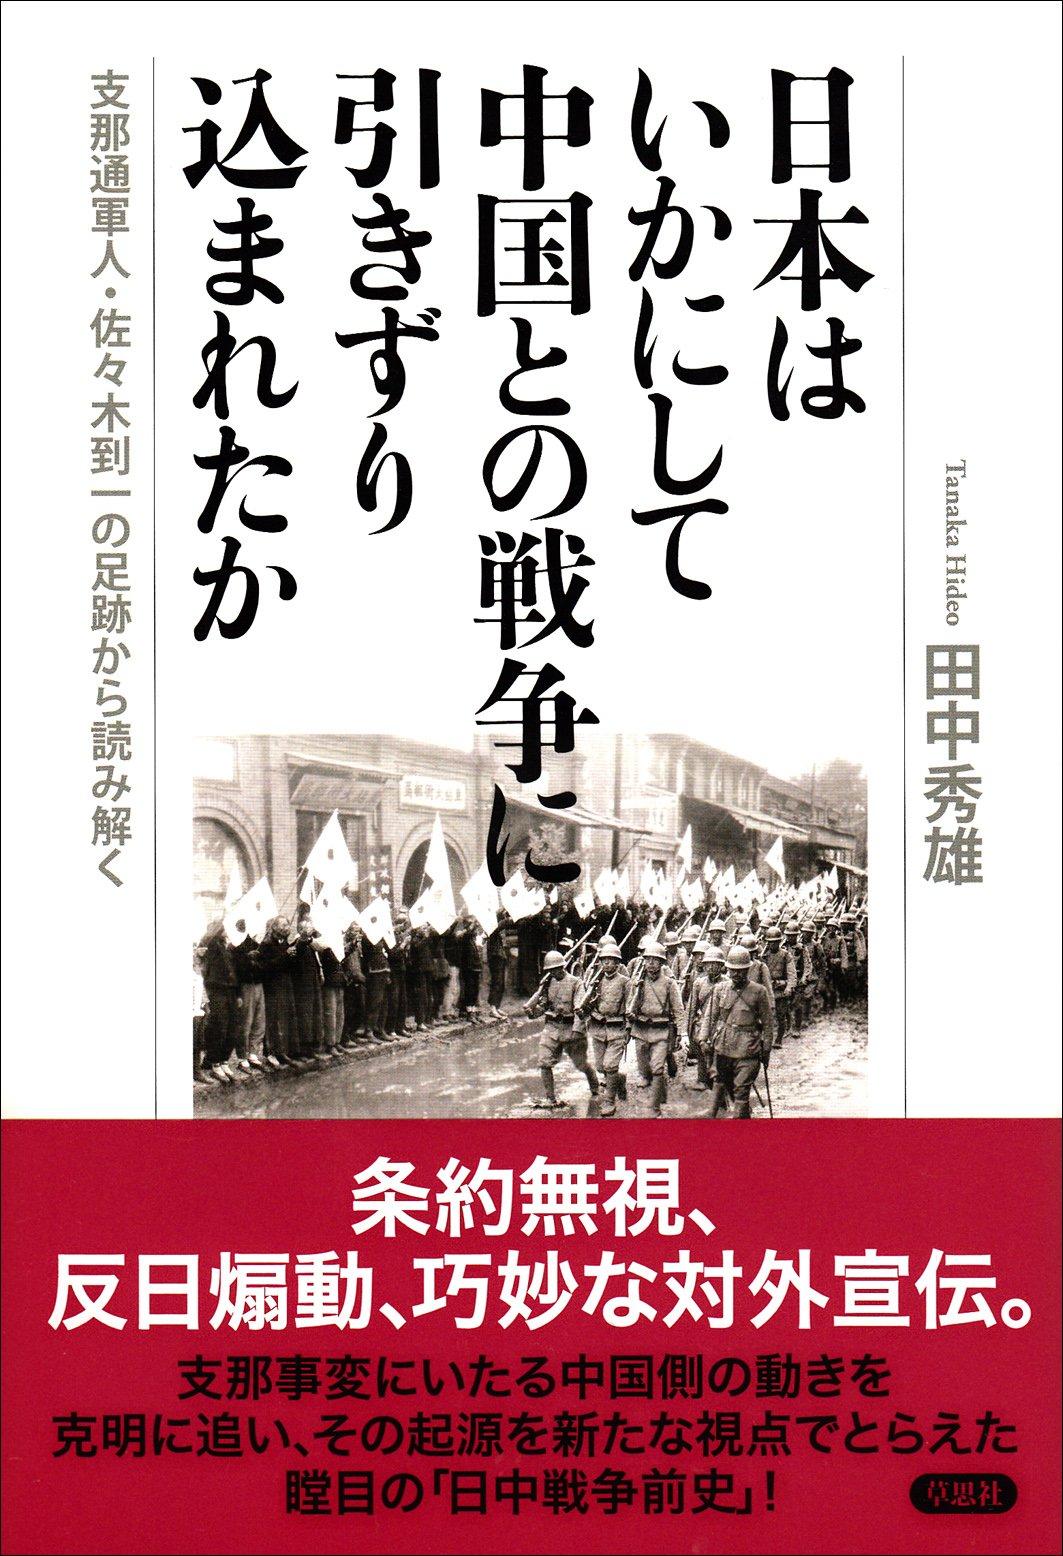 日本はいかにして中国との戦争に引きずりこまれたか